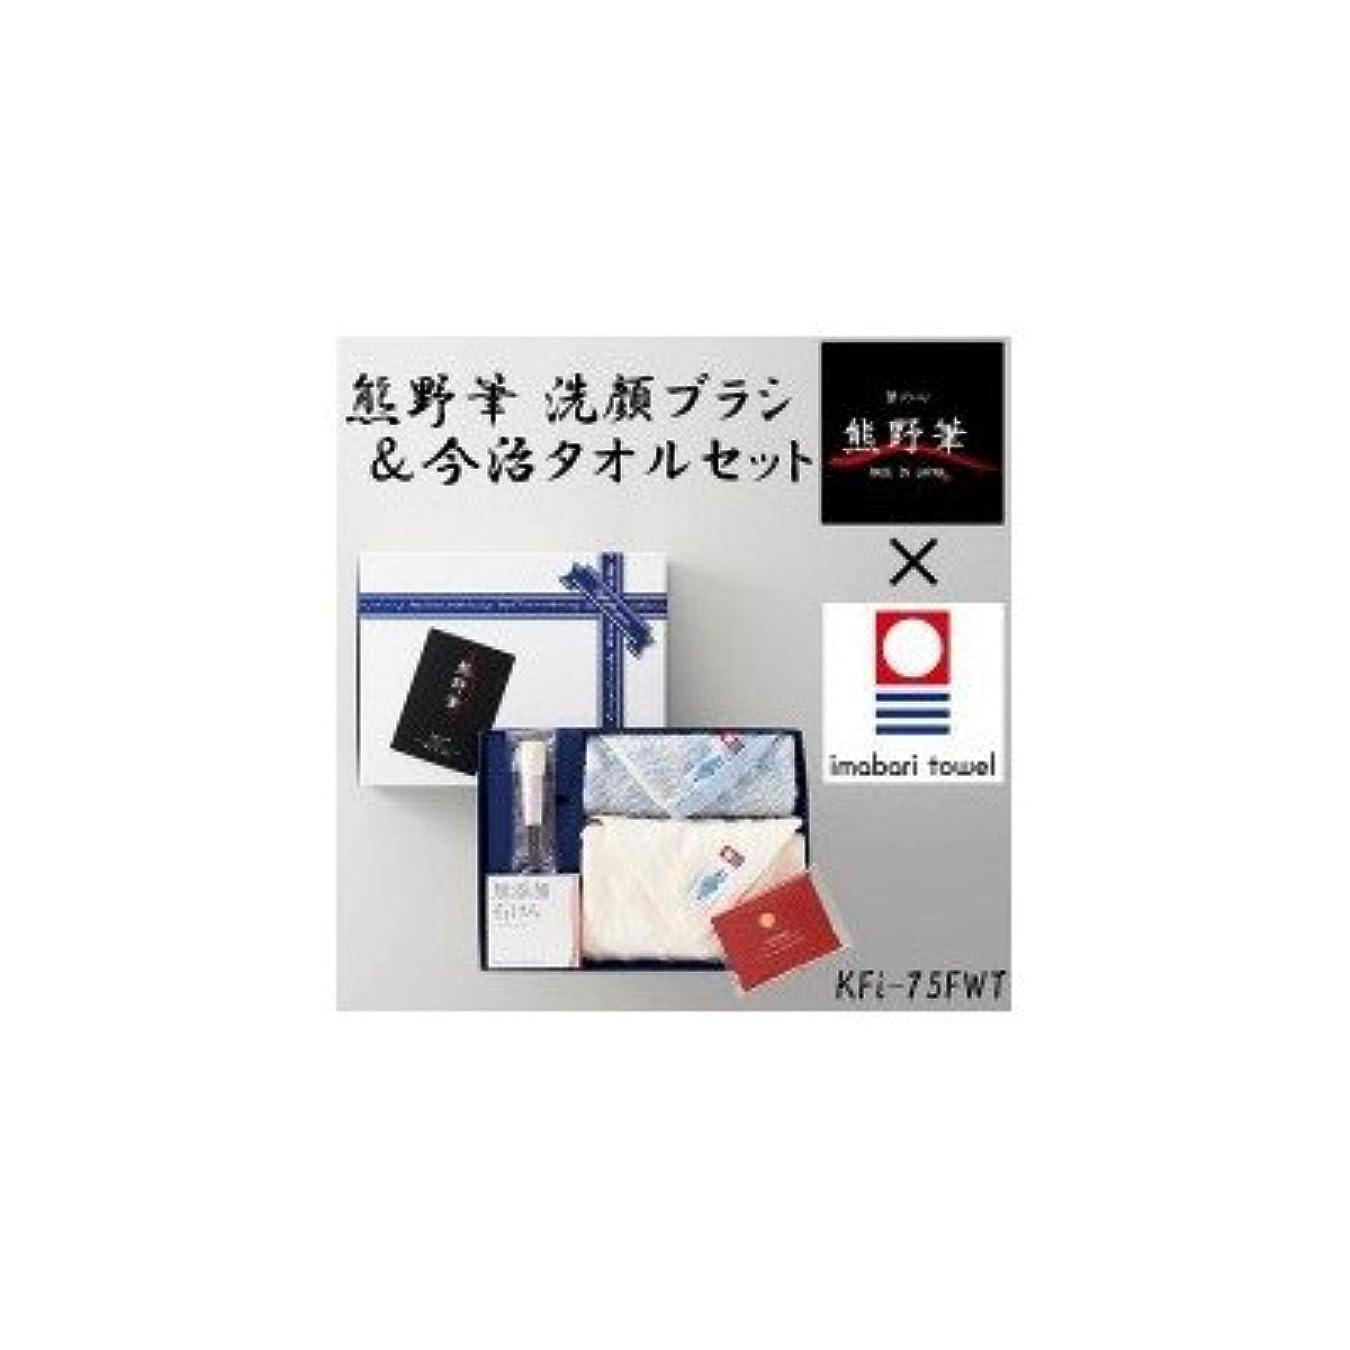 超越する賛美歌ましい熊野筆と今治タオルのコラボレーション 熊野筆 洗顔ブラシ&今治タオルセット KFi-75FWT